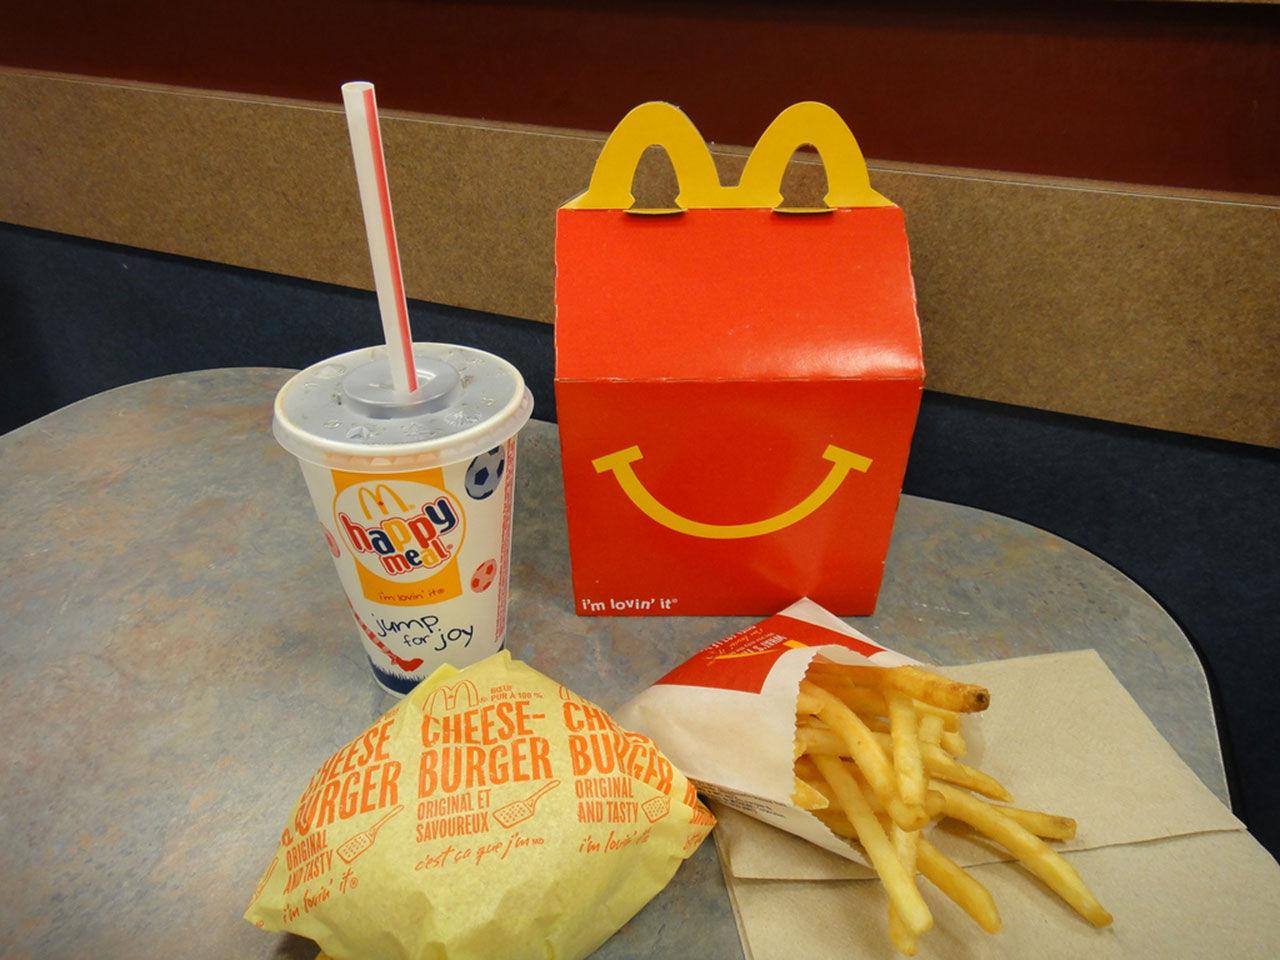 Happy Meal ska bli mer hälsosam